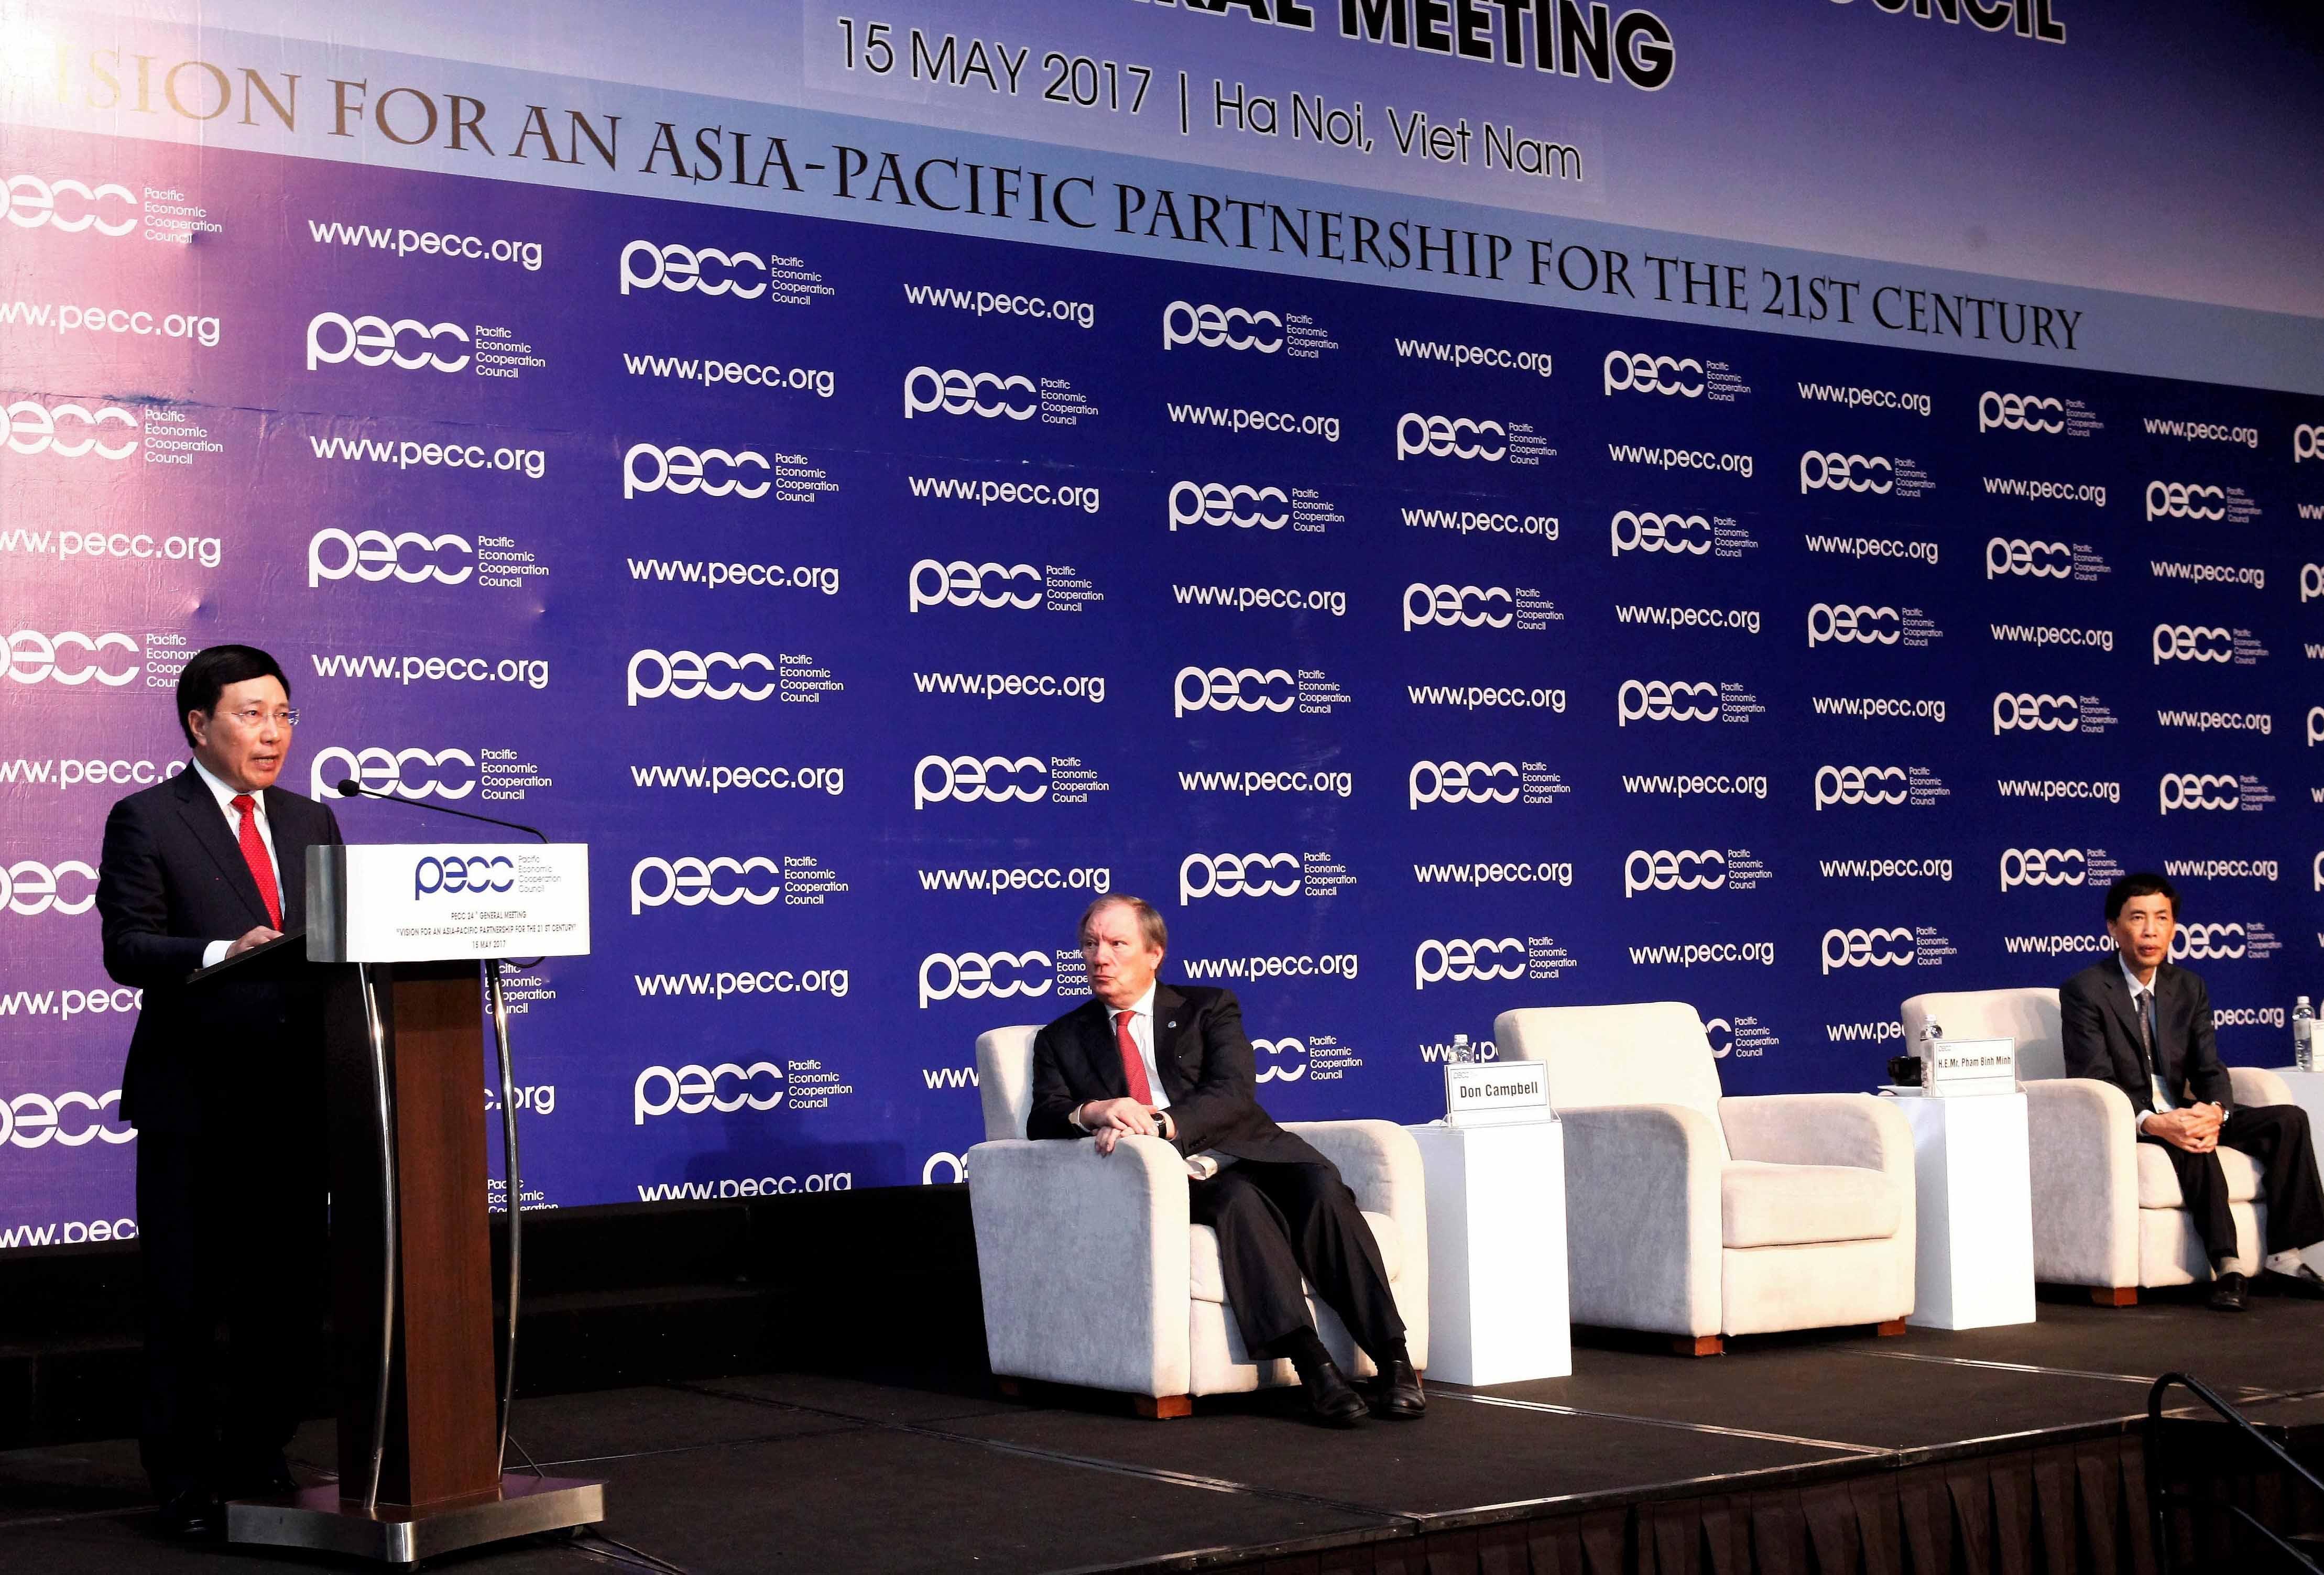 Đưa hợp tác châu Á - Thái Bình Dương ngày càng mang lại những kết quả thiết thực cho người dân và doanh nghiệp